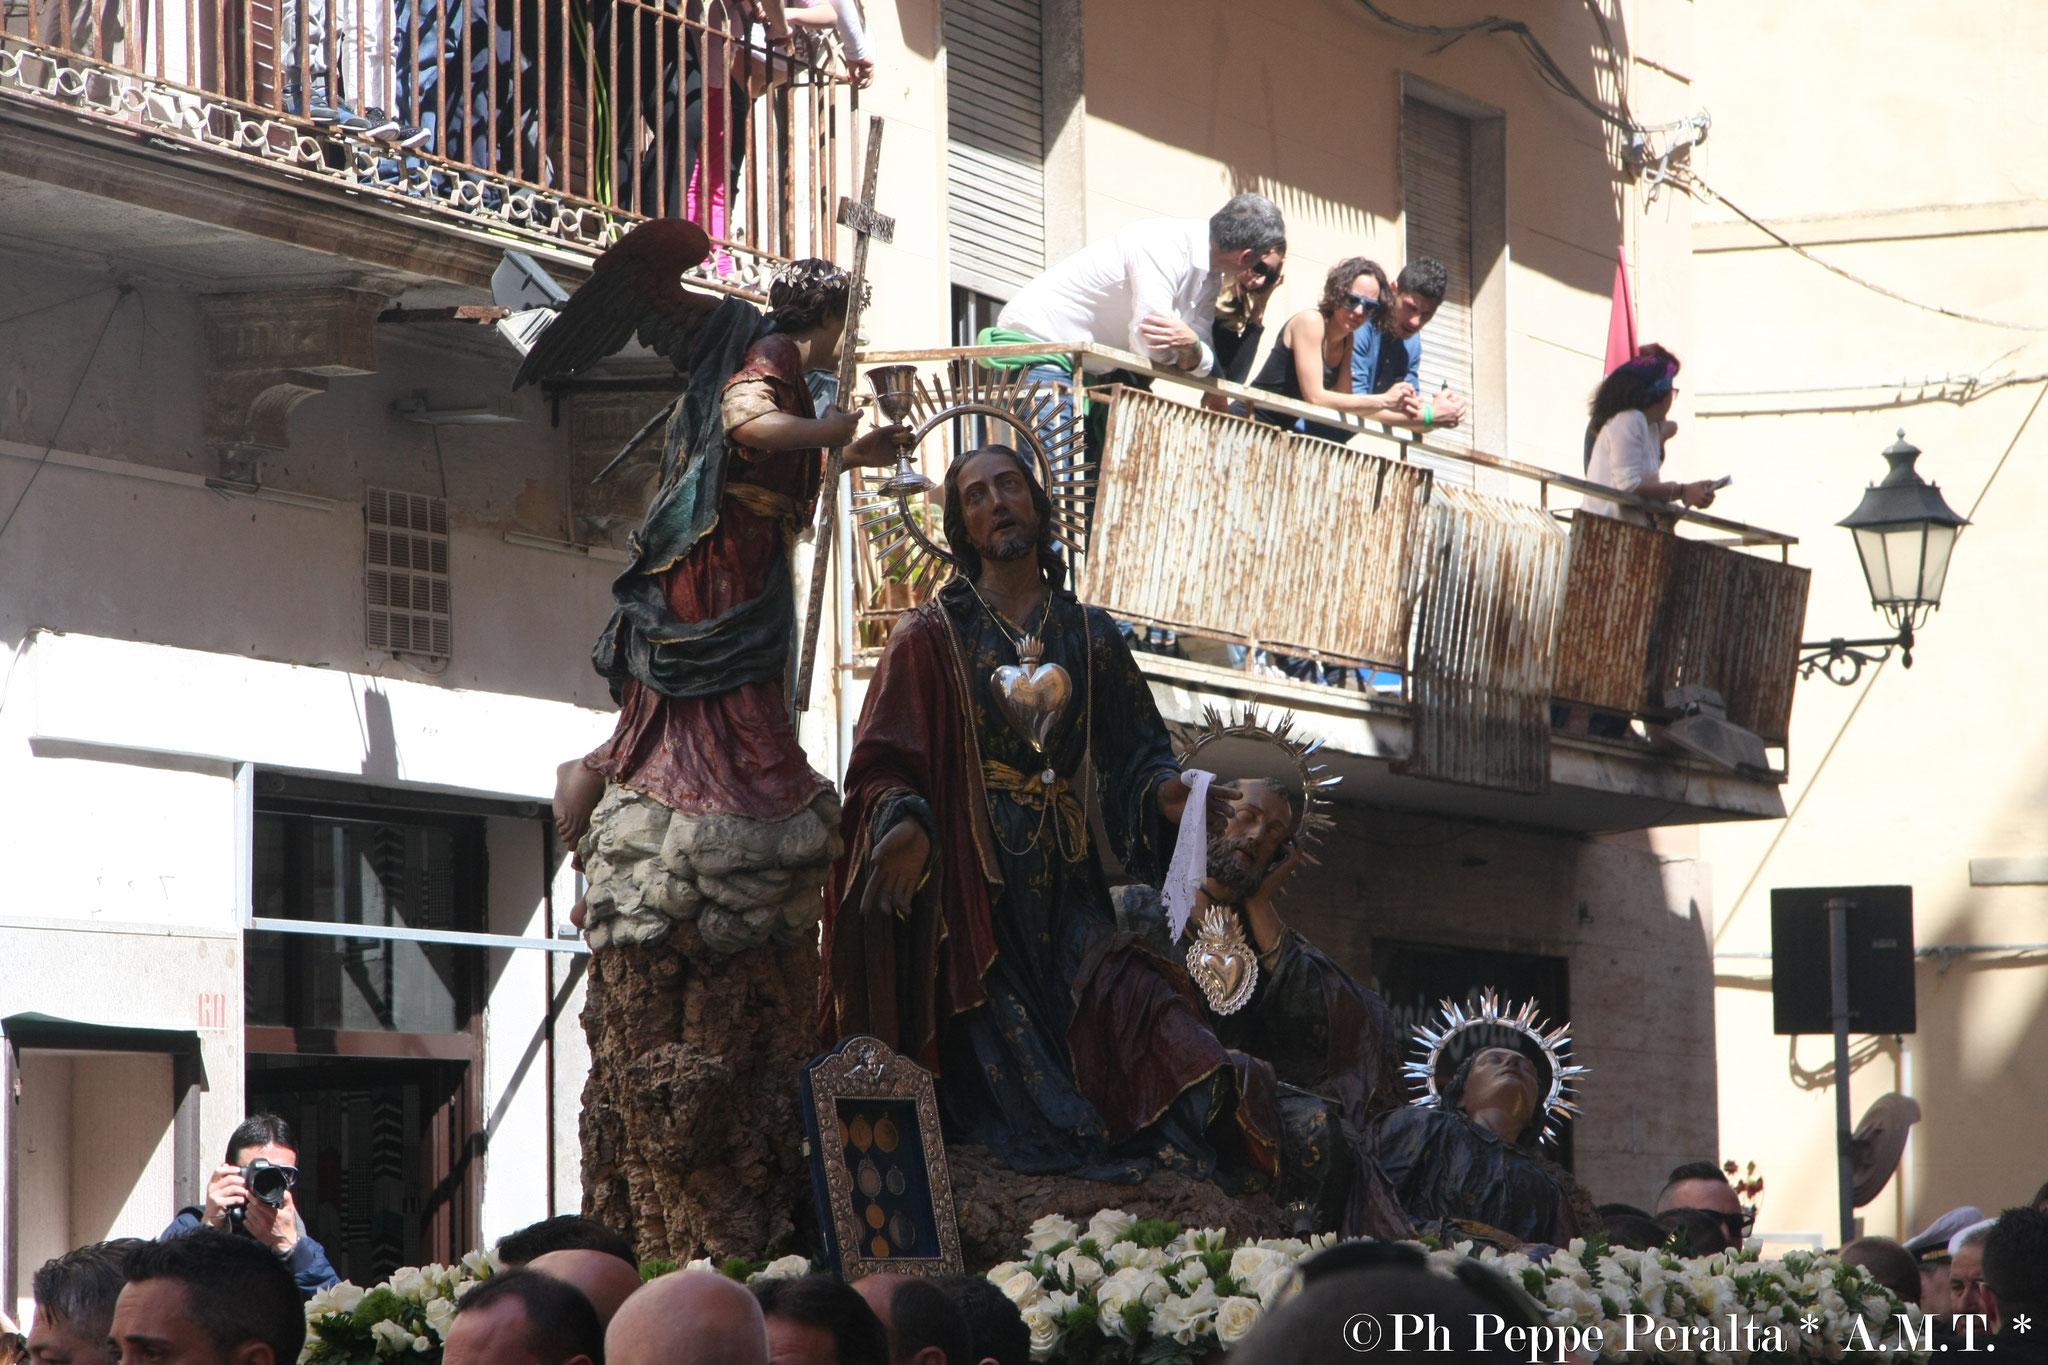 Gesù nell'Orto dei Getsemani - Ceto Ortolani